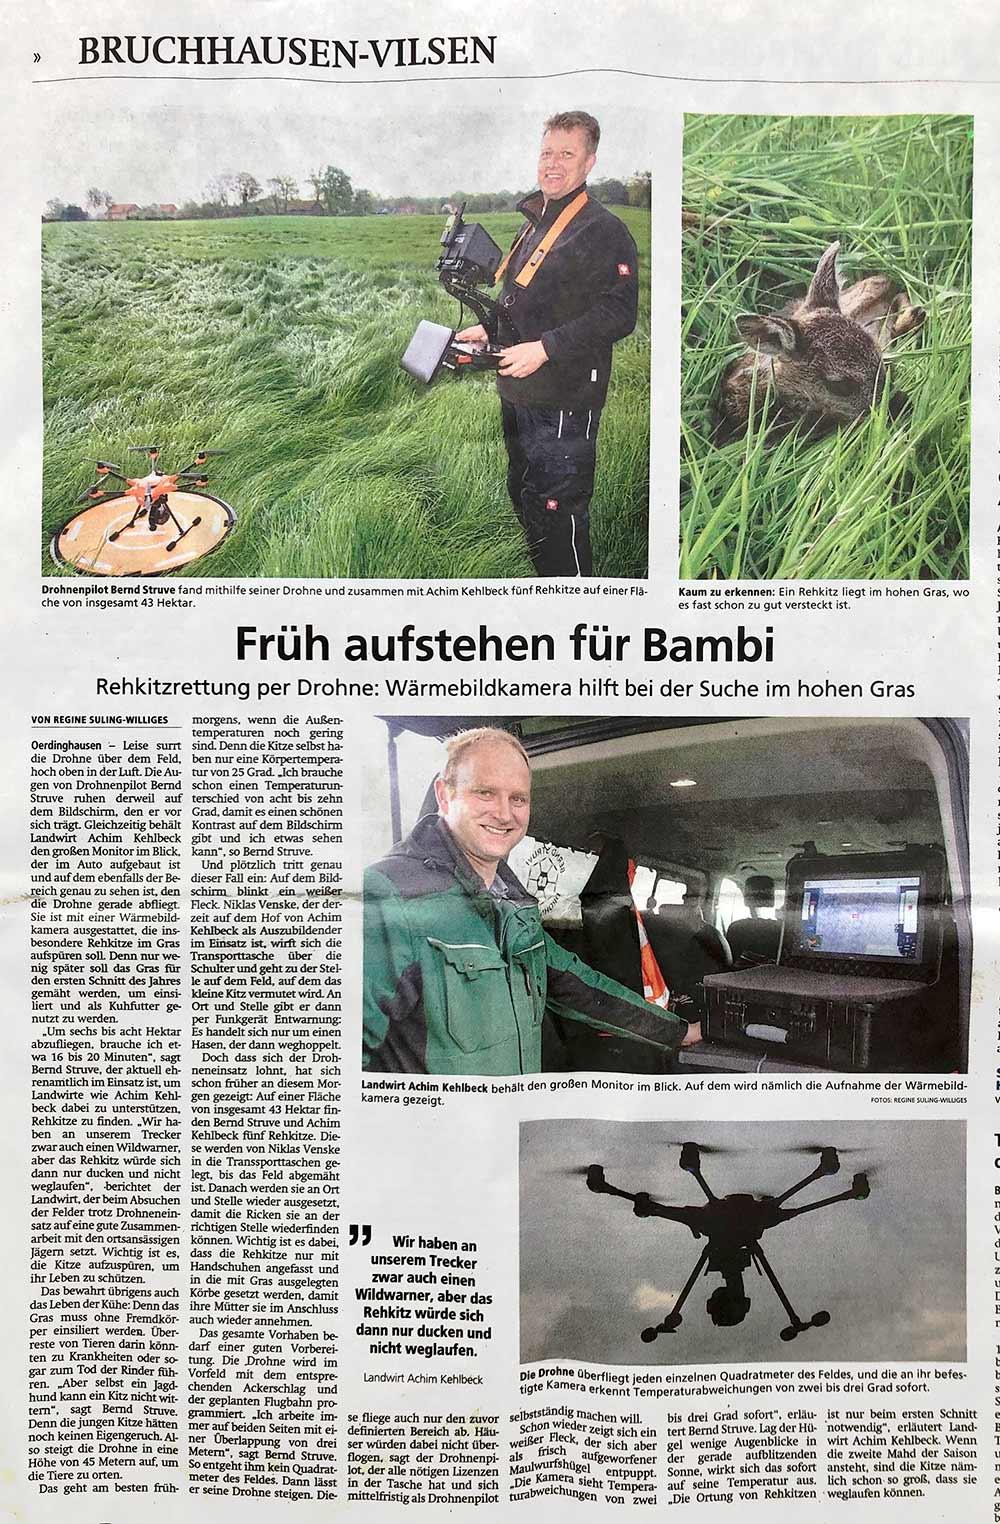 Bernd Struve Drohnenpilot rettet 5 Rehkitze